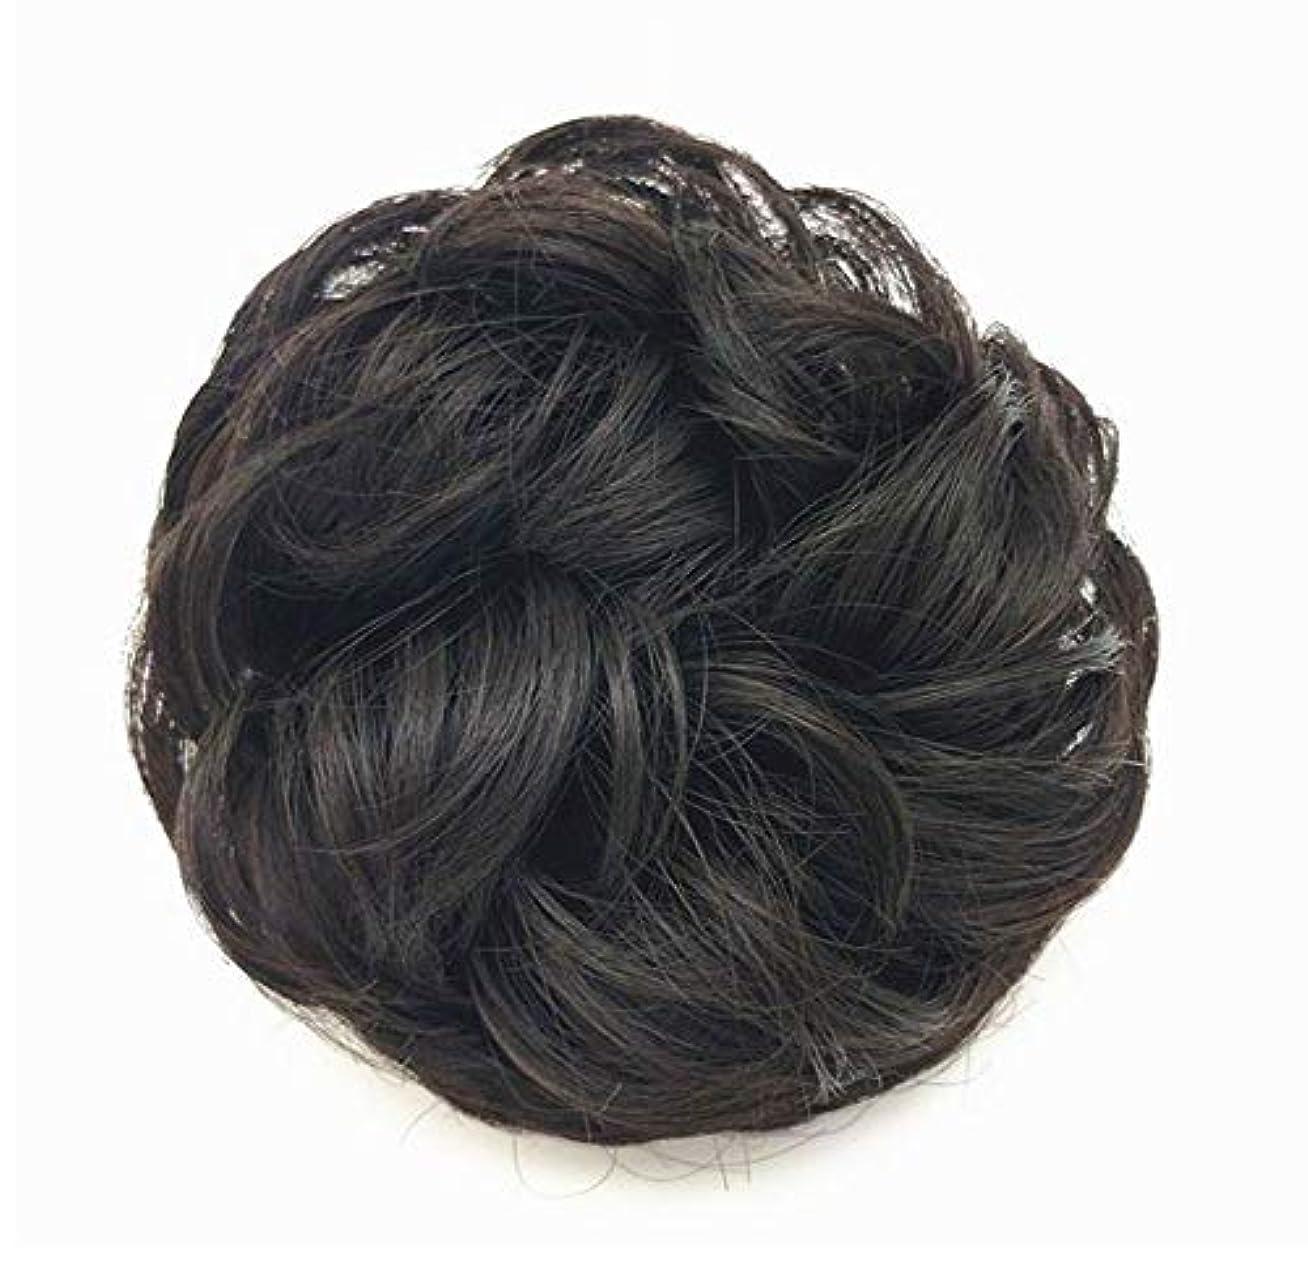 トレーニング舞い上がる本乱雑な髪のお団子シュシュの拡張機能、女性用カーリー波状リボンアクセサリー、ドーナツアップドポニーテールシニョン